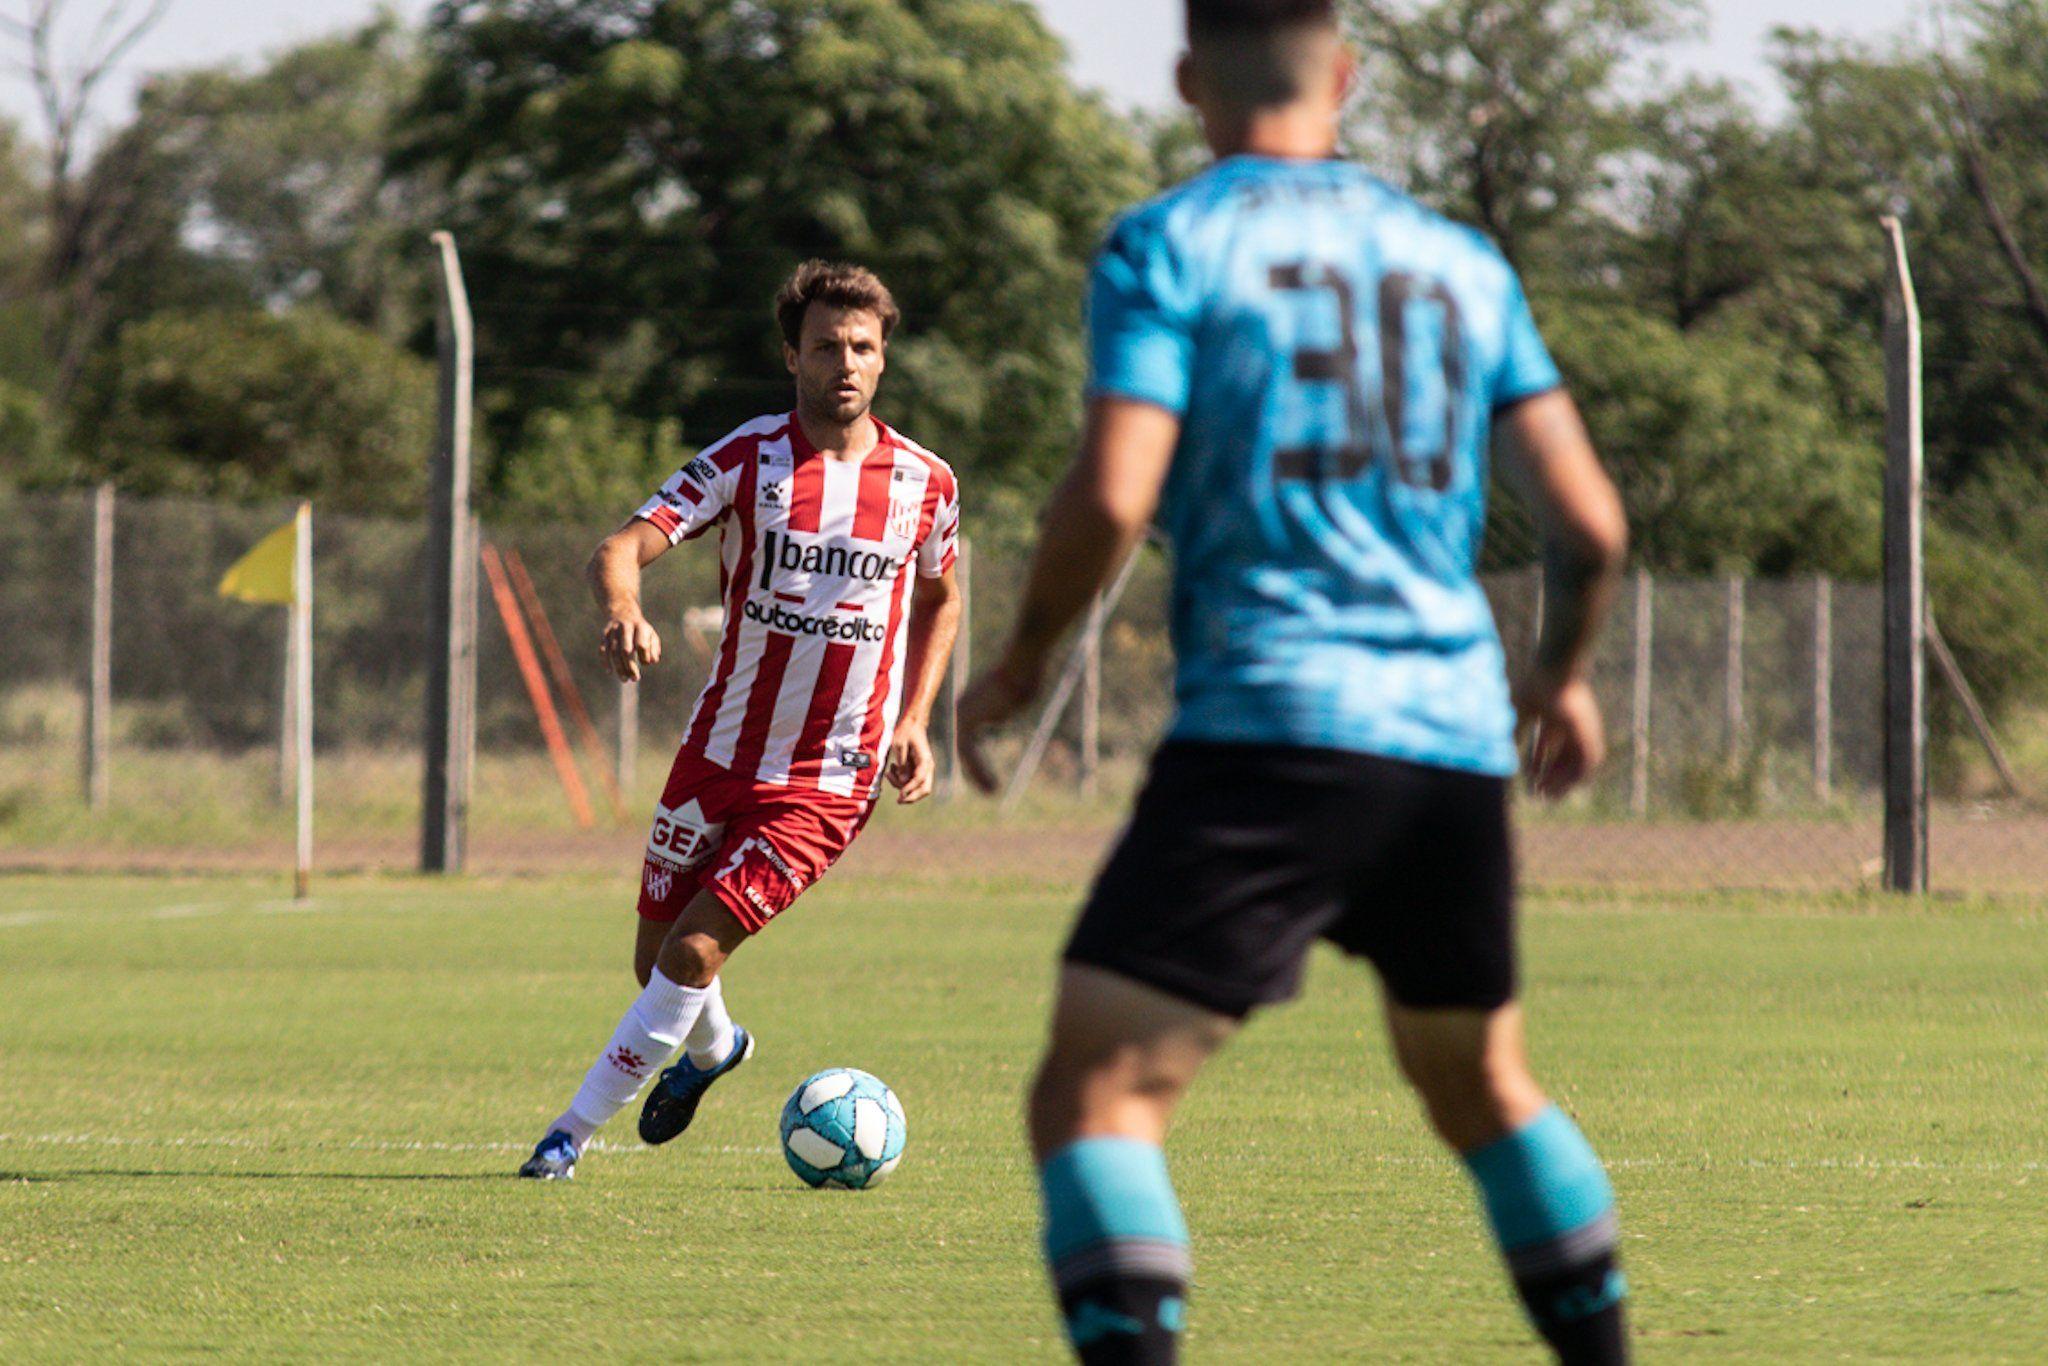 Desde atrás. Instituto y Belgrano jugaron un amistoso el viernes. El próximo fin de semana volverán a competir luego de ocho meses y medio.